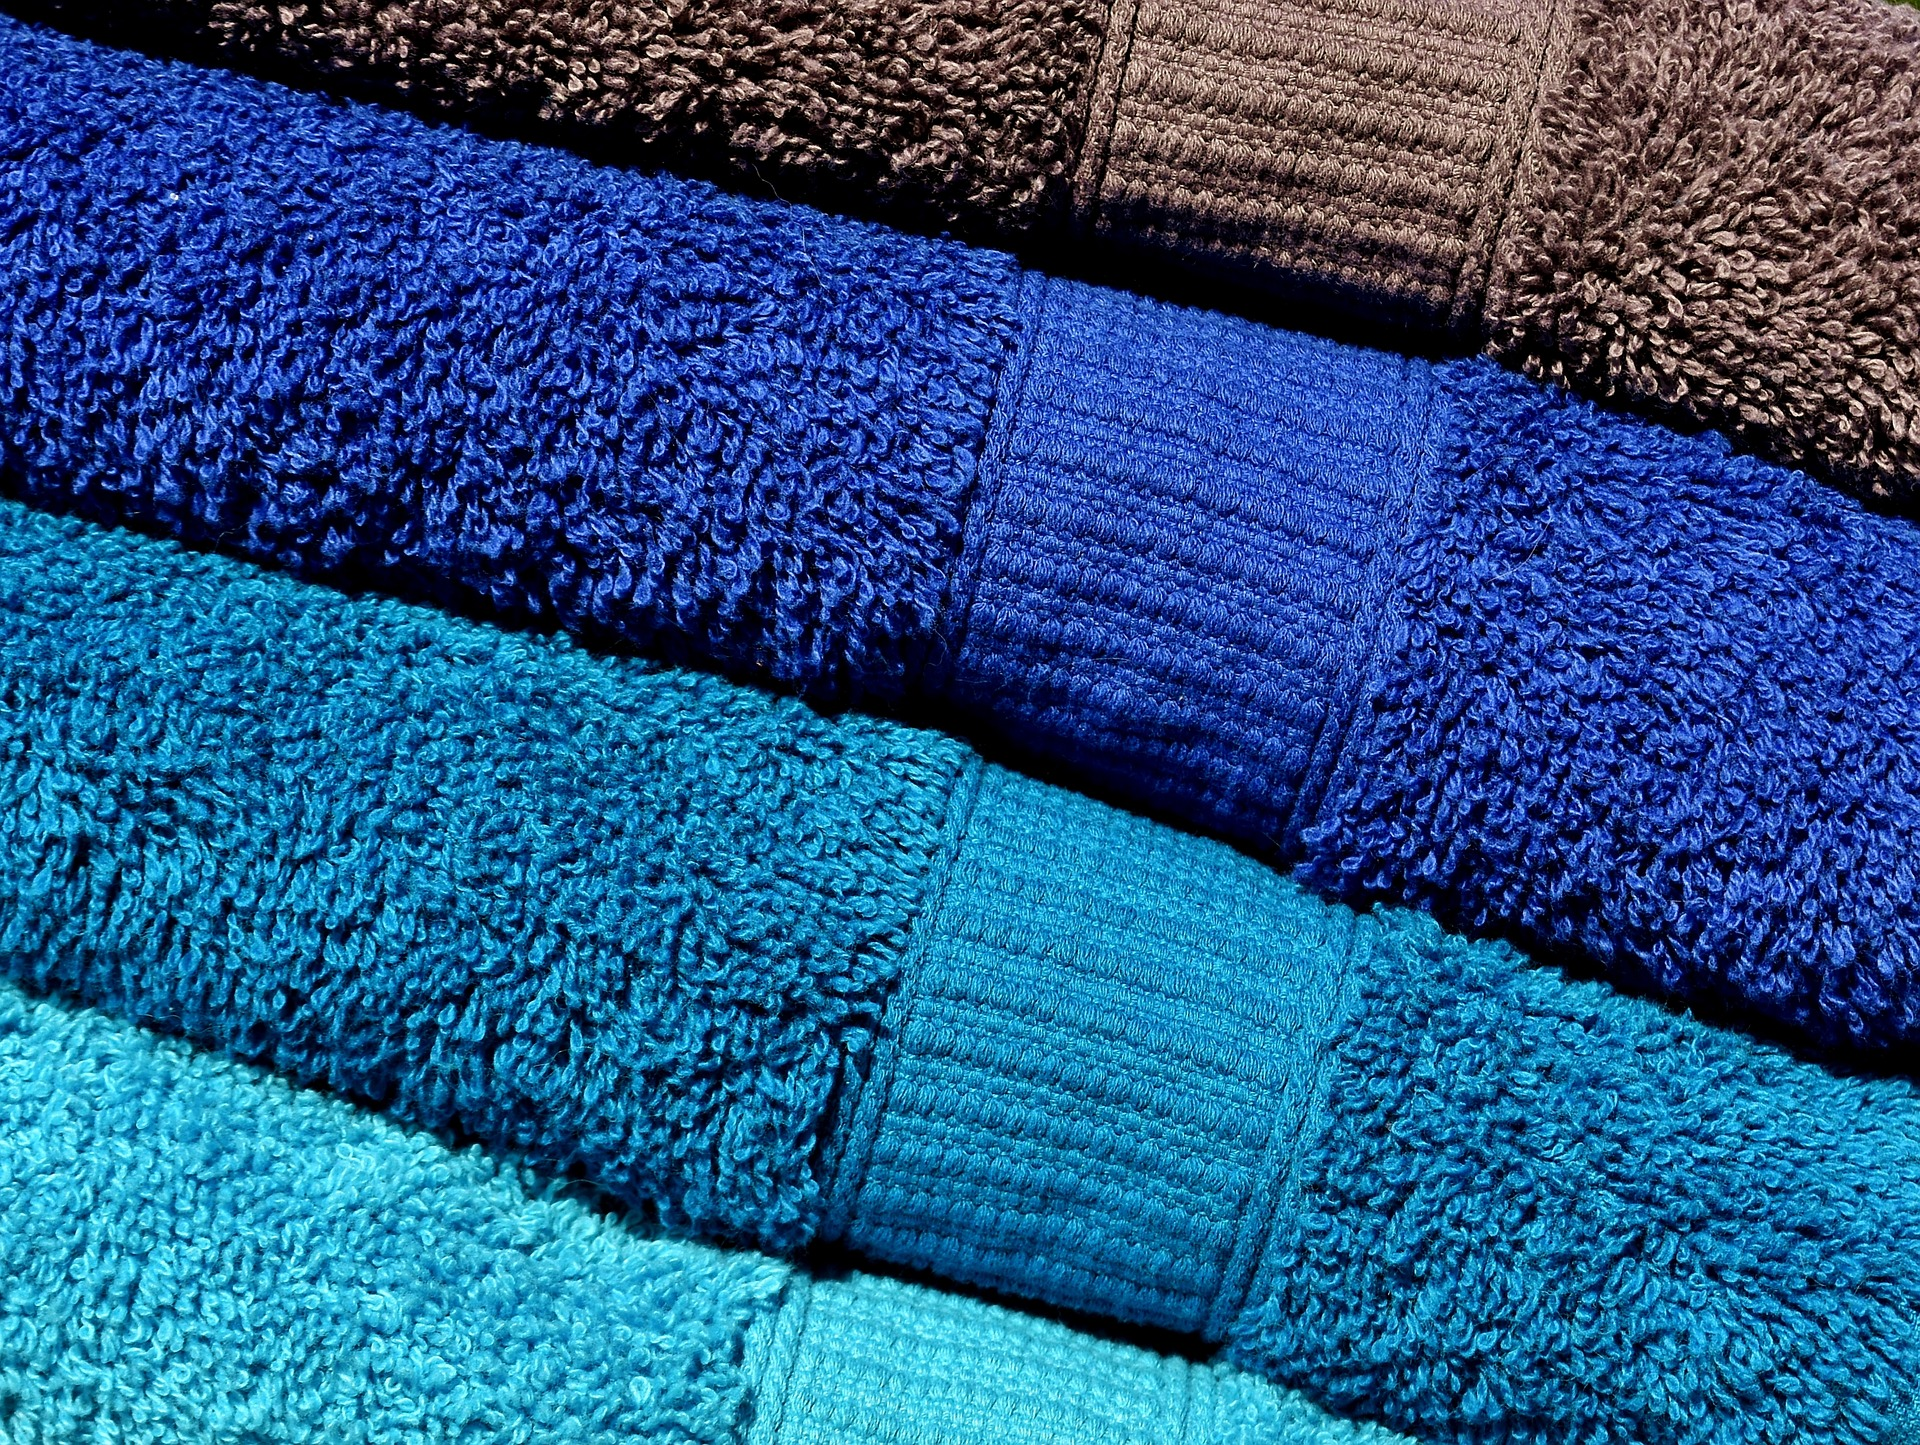 Blue folded towels